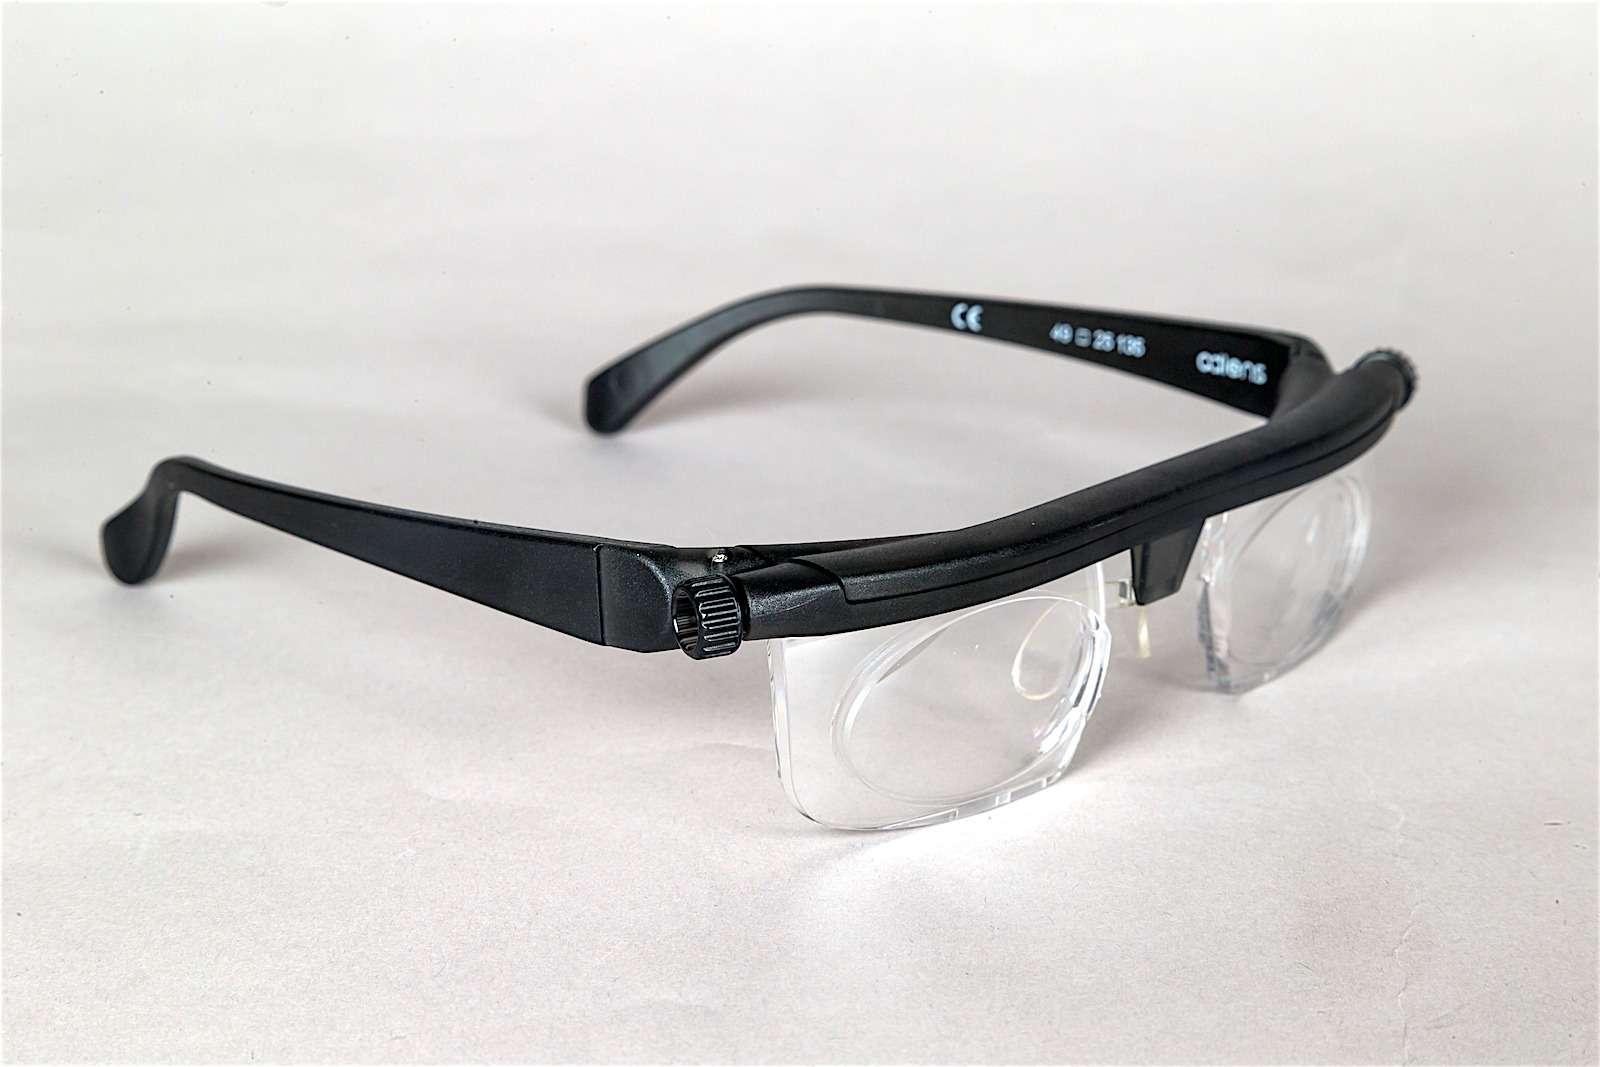 Регулируемые очки Adlens Emergensee: игрушка или полезная вещица дляводителей?— фото 586444